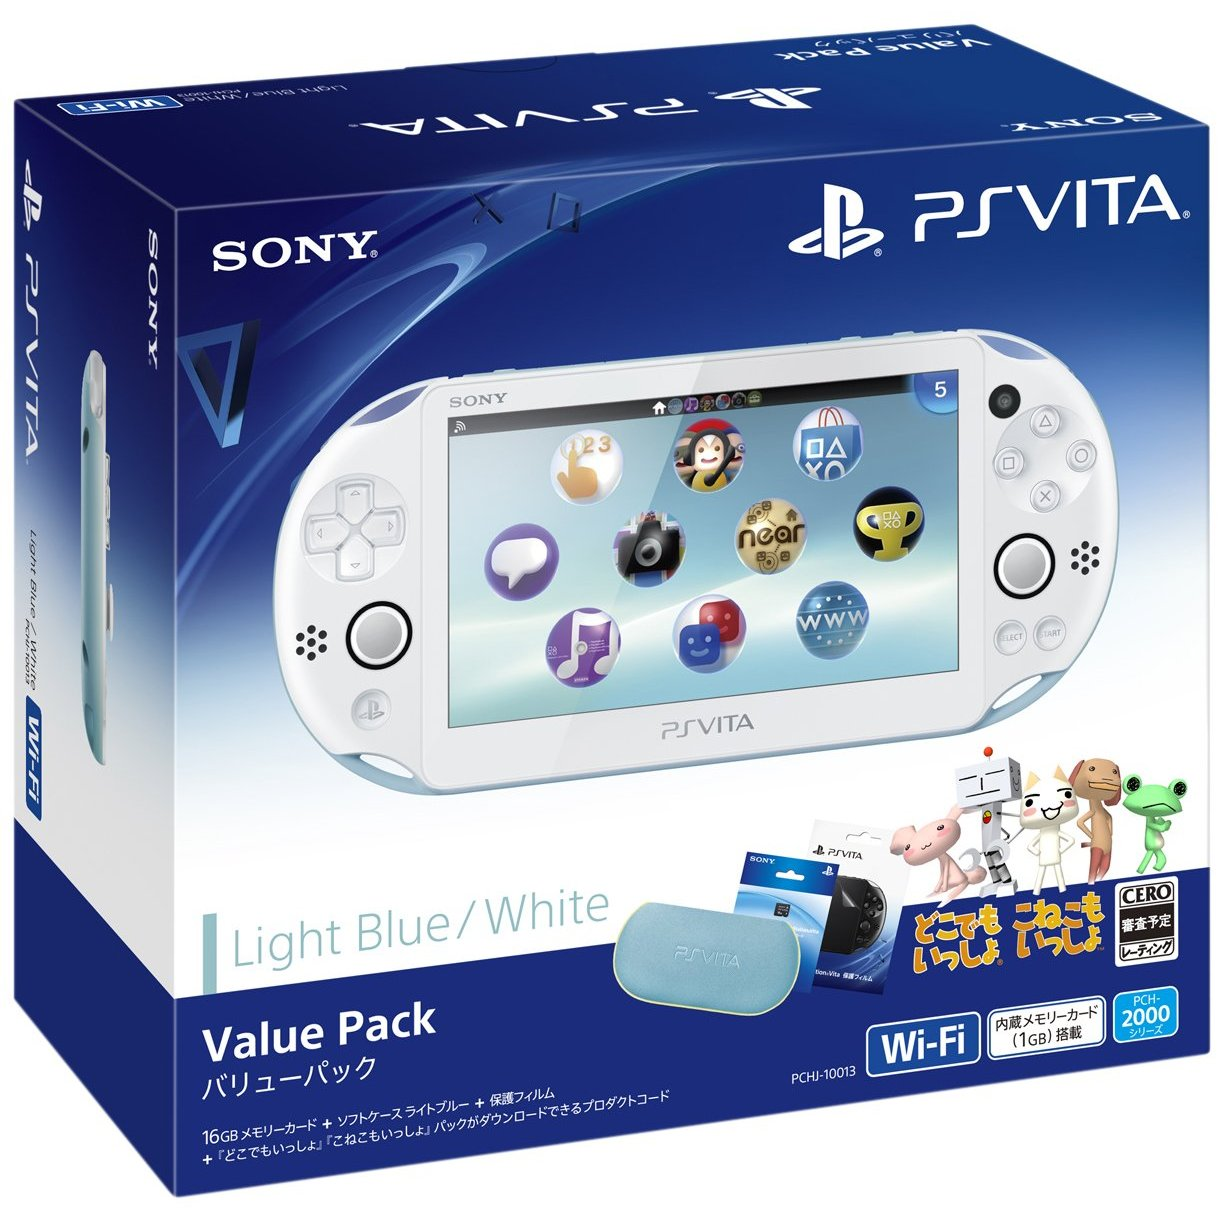 PS Vitaのバリューパックだと、WiFiモデルのPCH-2000がお得に買える!